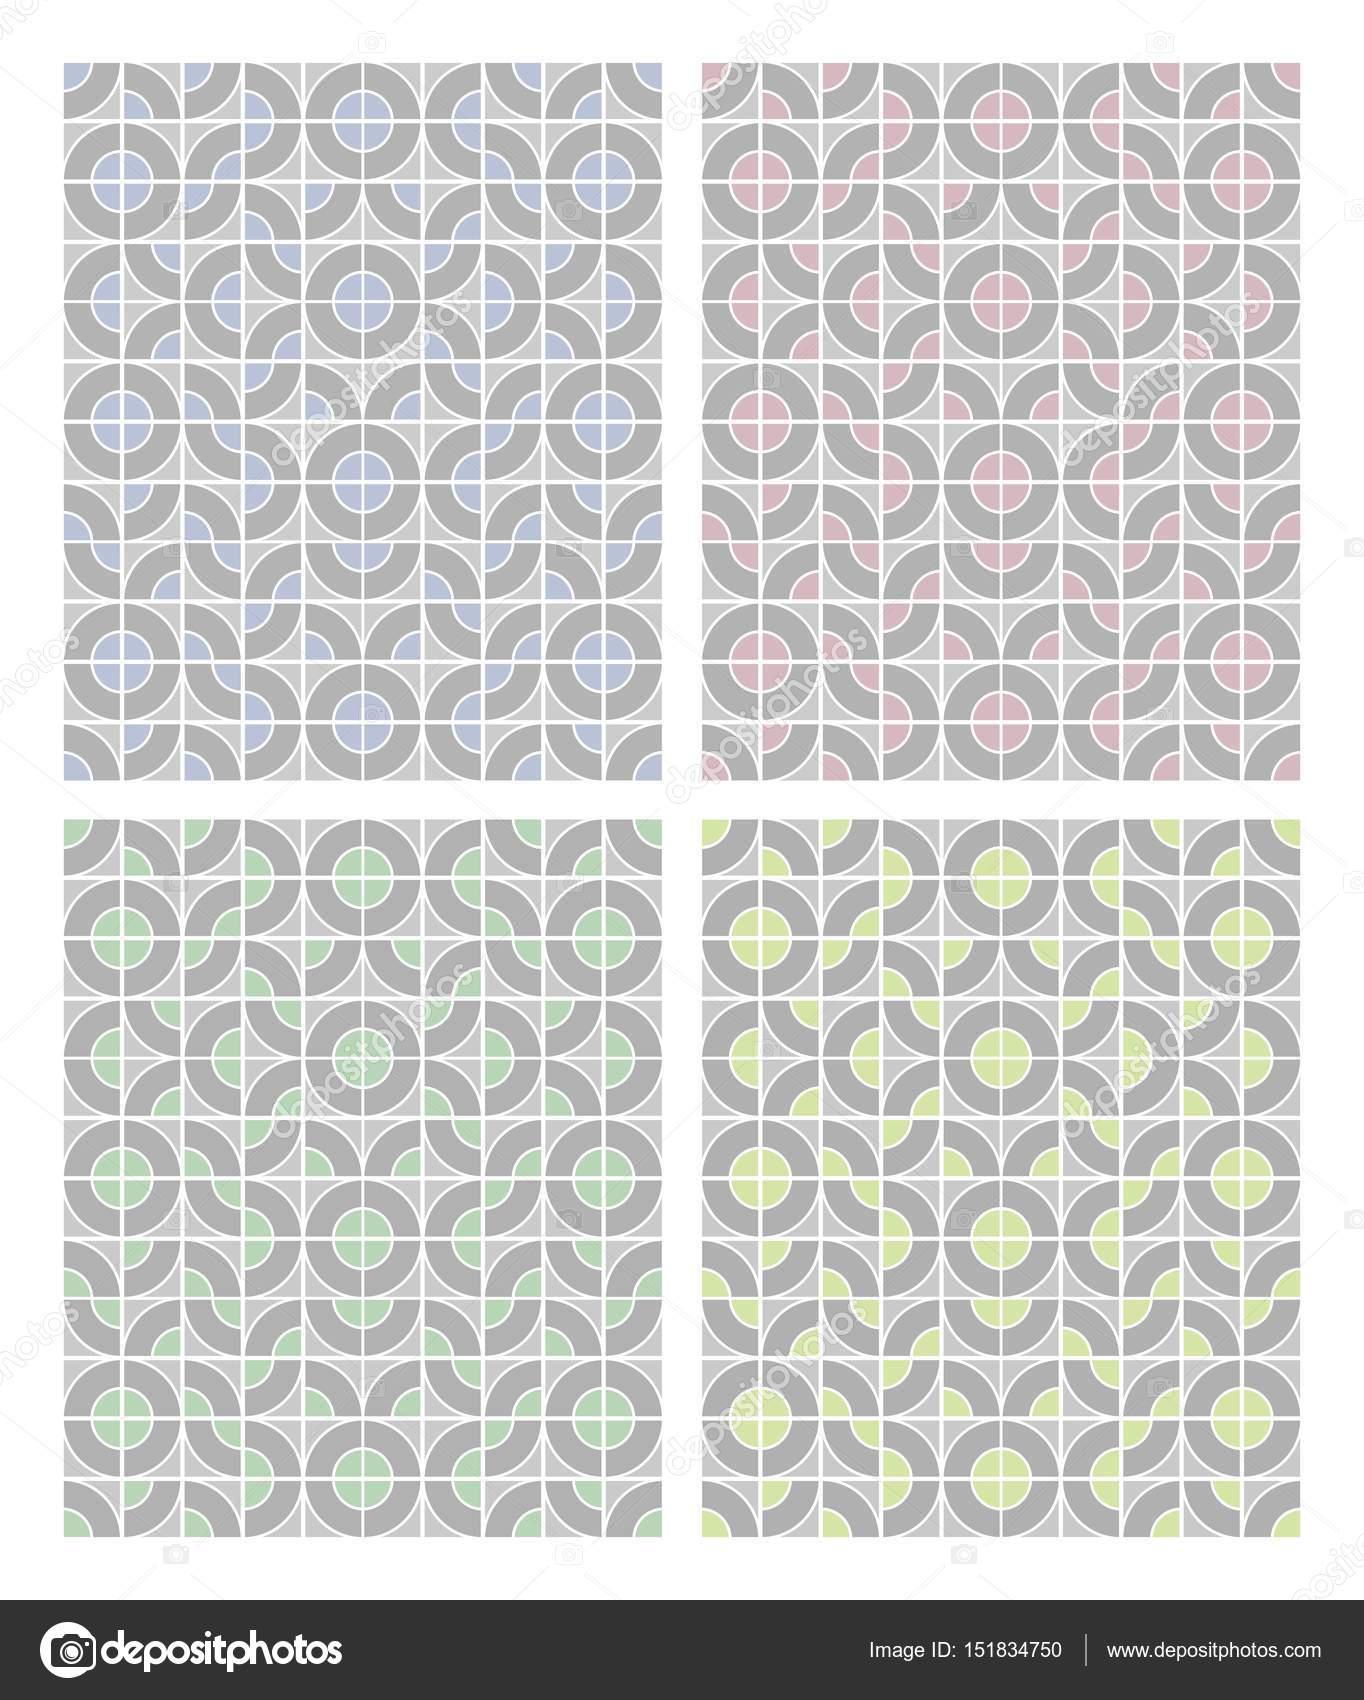 Semplici Disegni Geometrici In Colori Pastello Chiari In